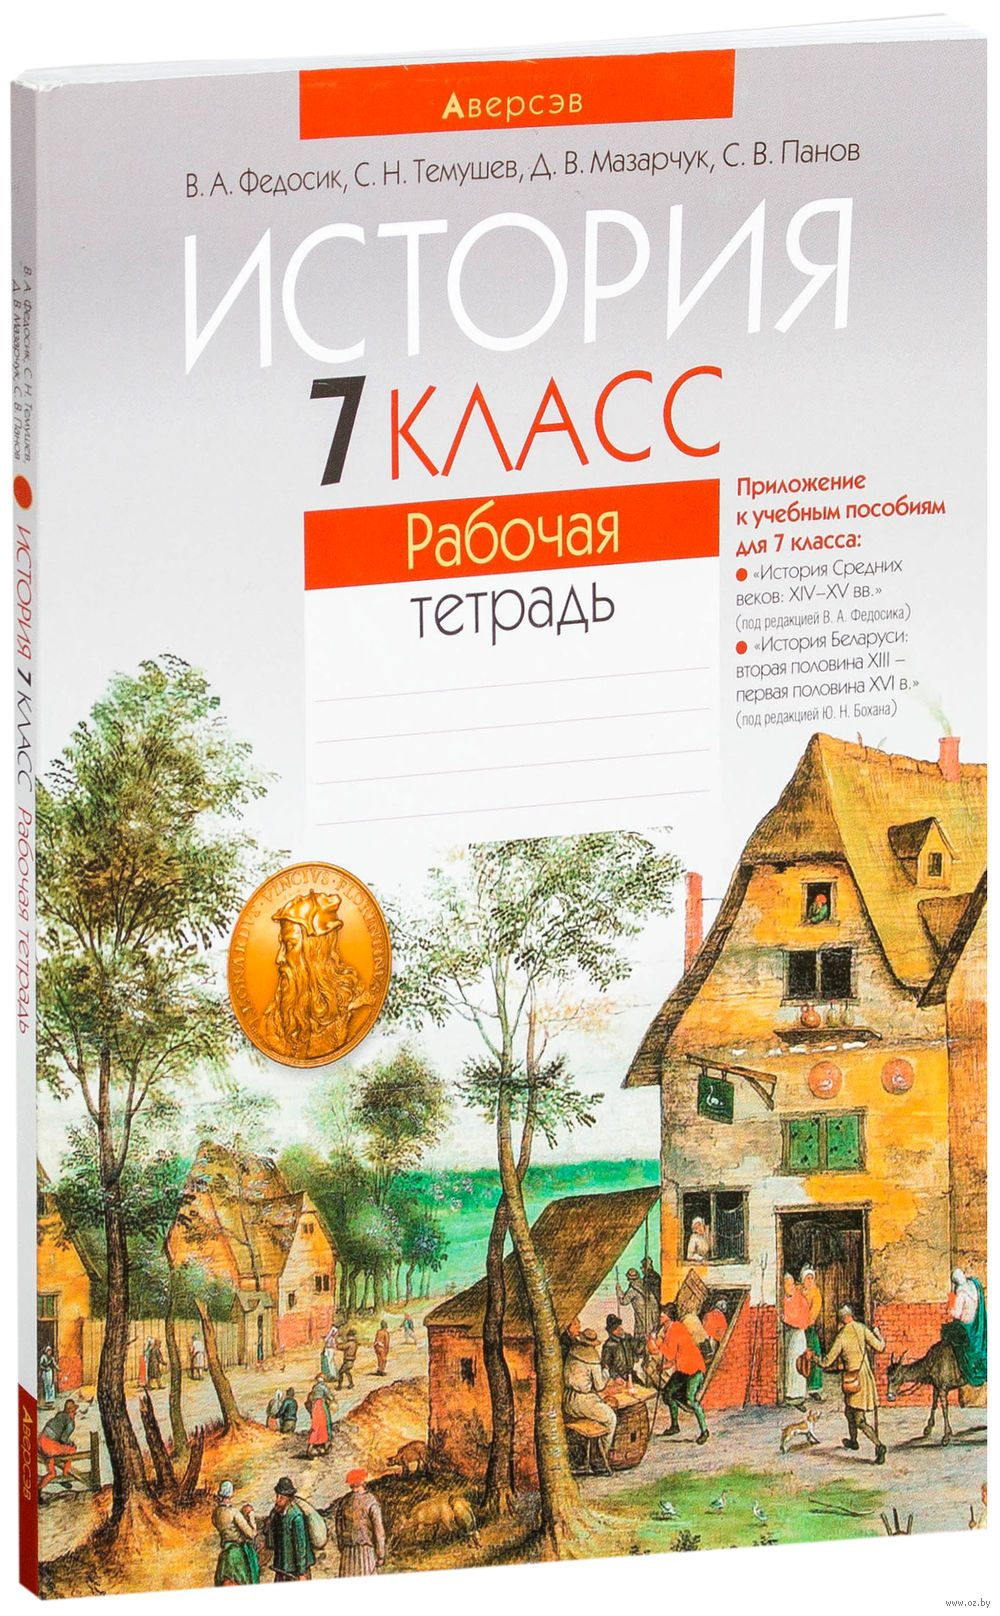 Решебник практикум с географий материков и океанов для 7 класса н.г.пянковська